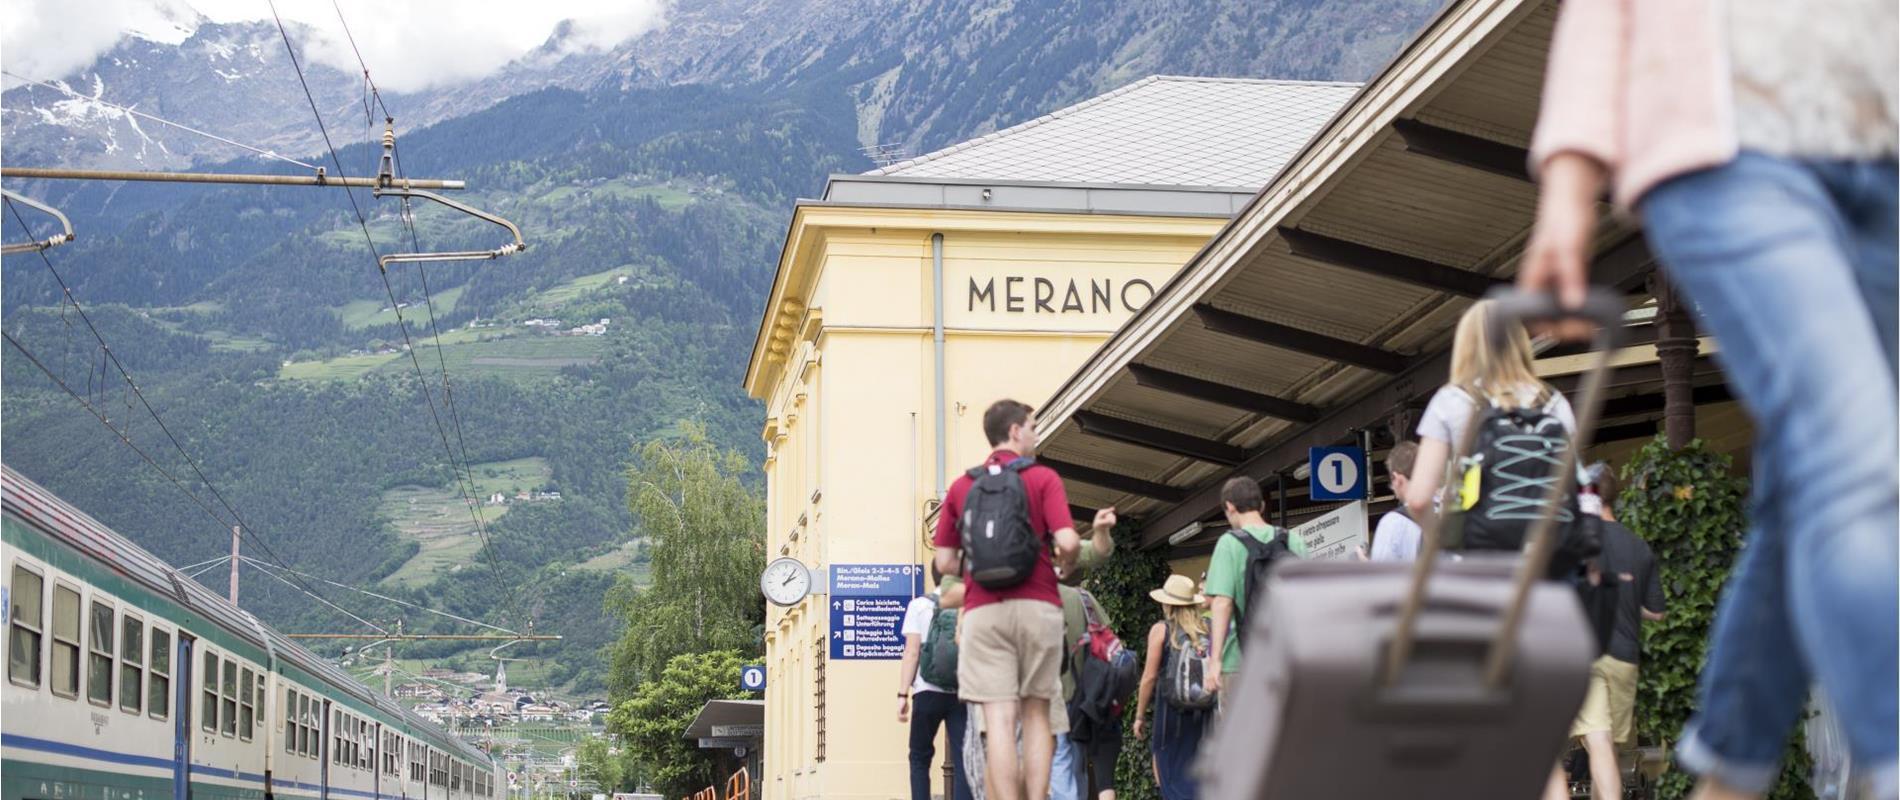 öffentliche Verkehrsmittel In Südtirol